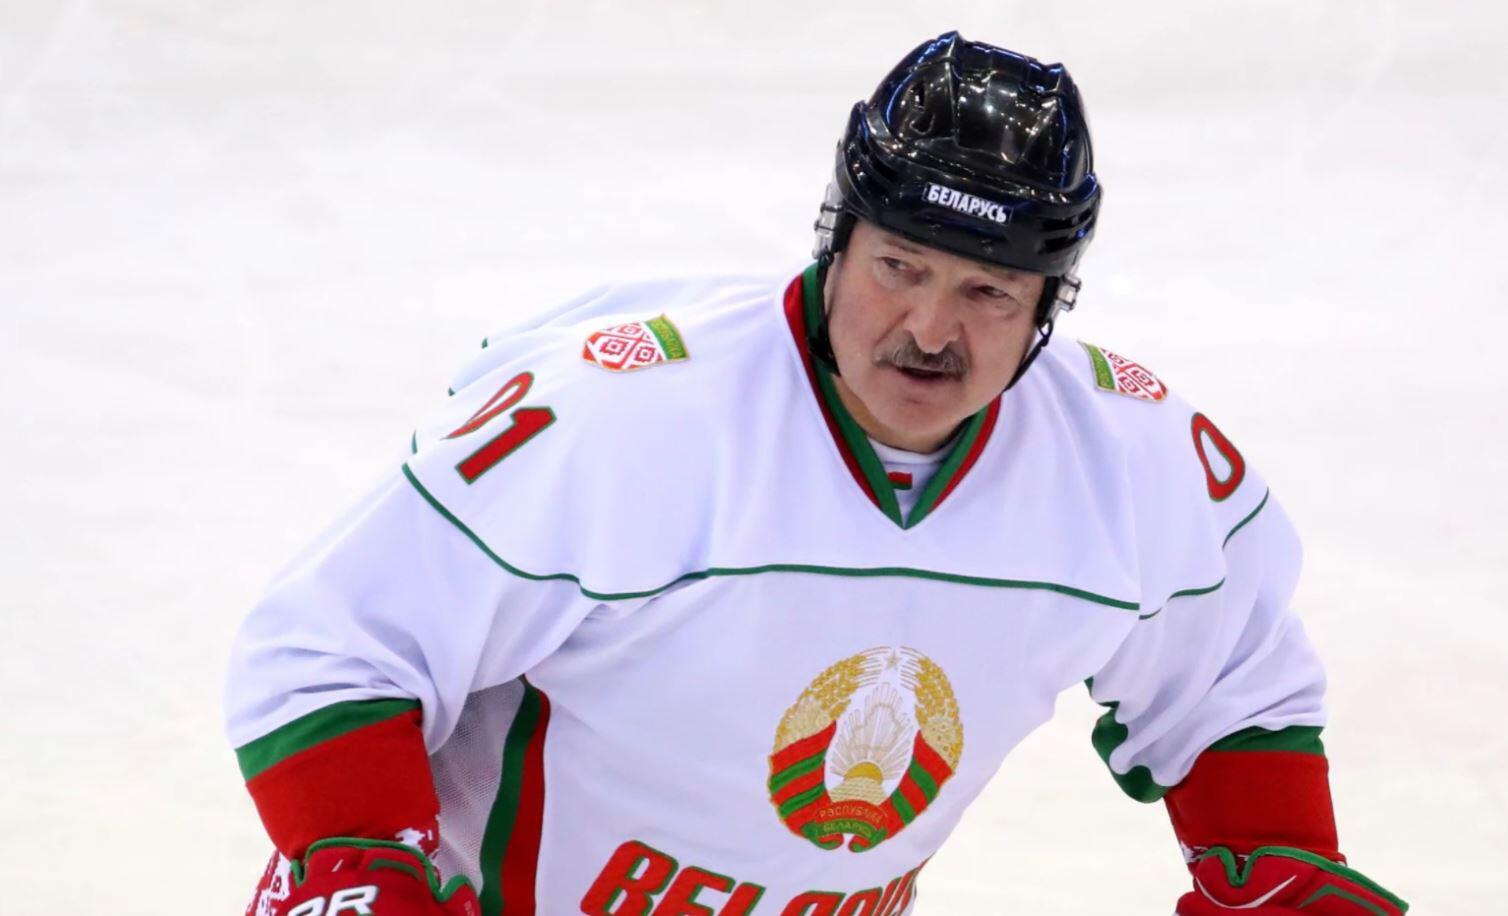 Bild zu Weißrussland, Alexander Lukaschenko, Präsident, Eishockey